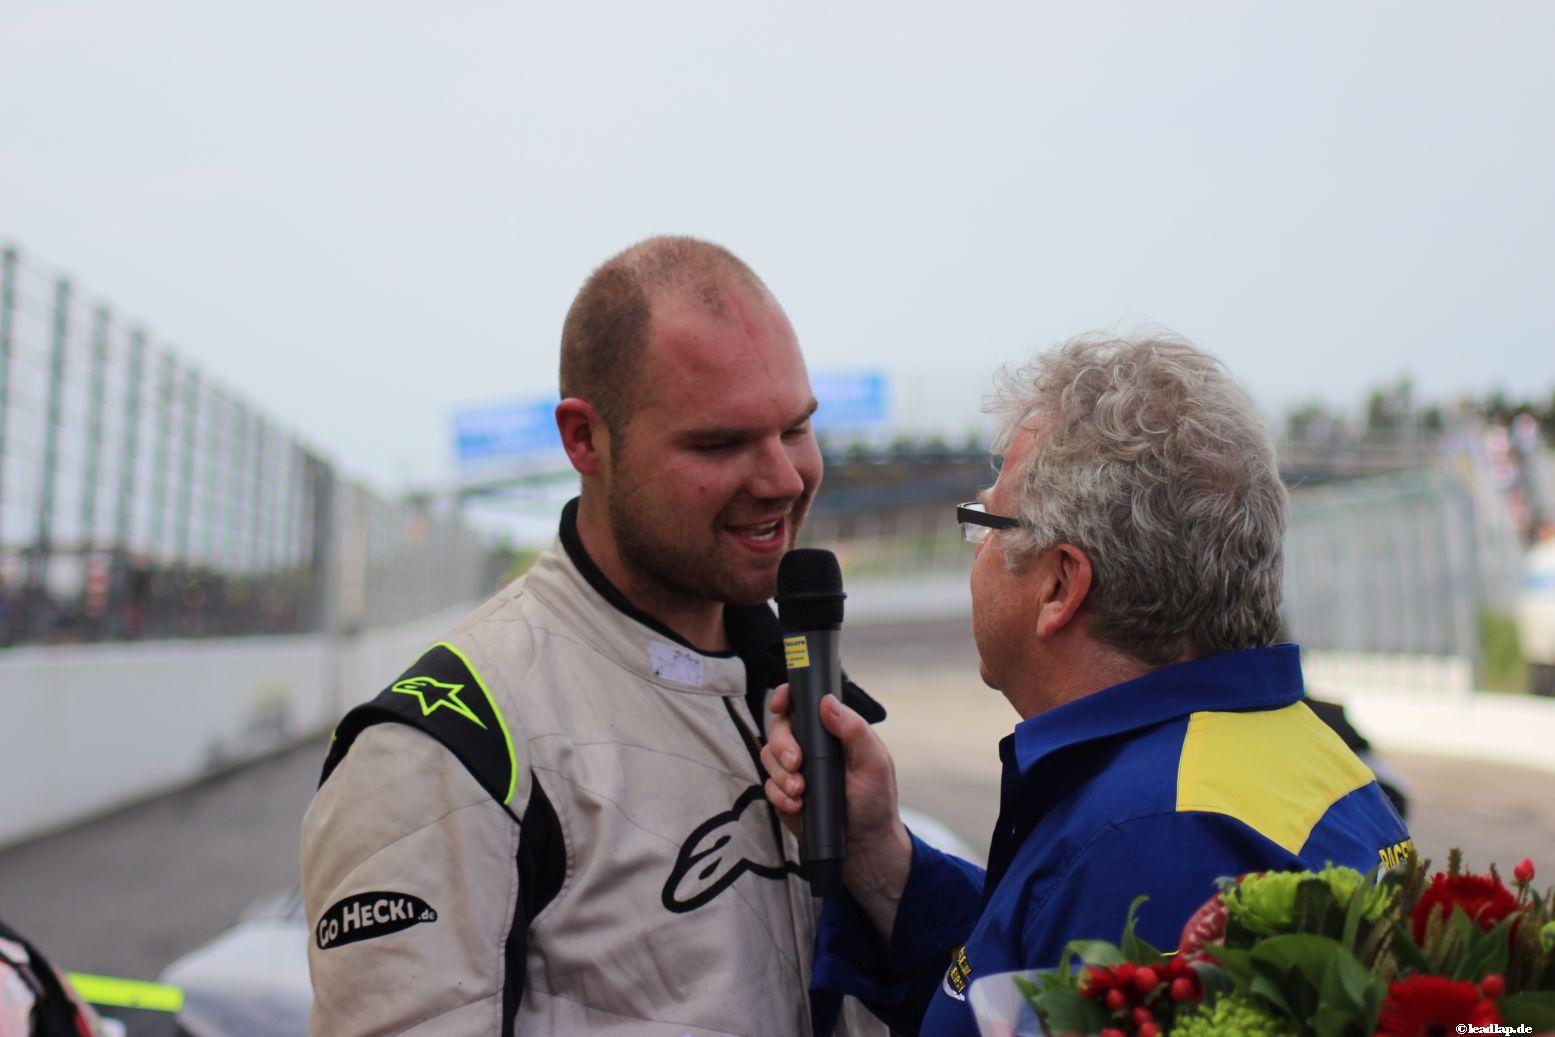 Patrick Heckhausen wird als Sieger interviewt © André Wiegold